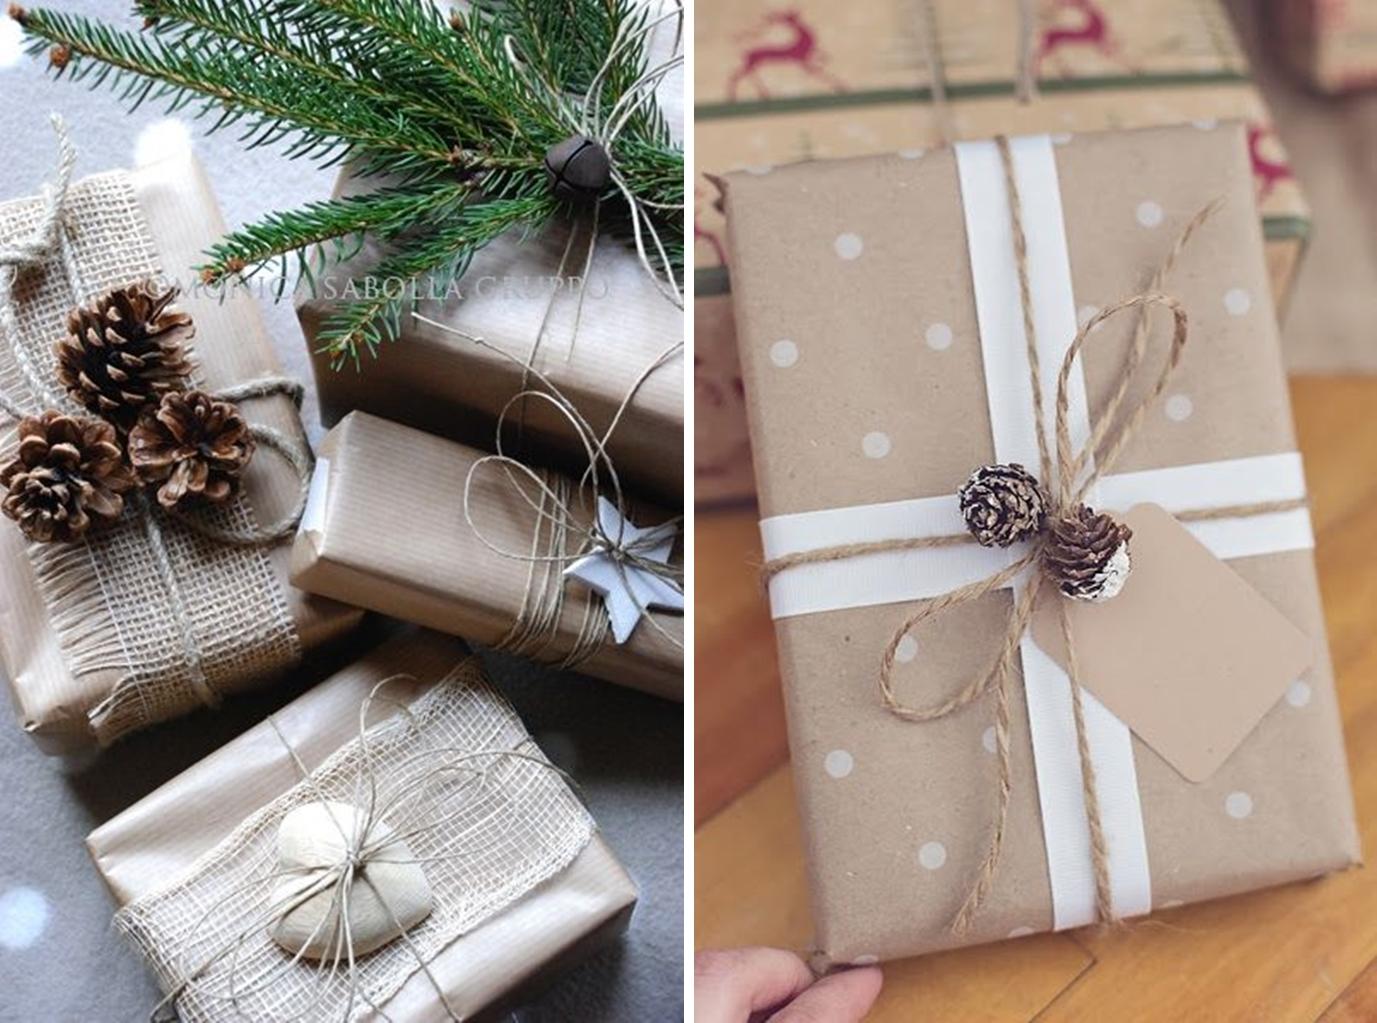 pakowanie prezentow pomysly inspiracje christmas gwiazdka boze narodzenie swieta